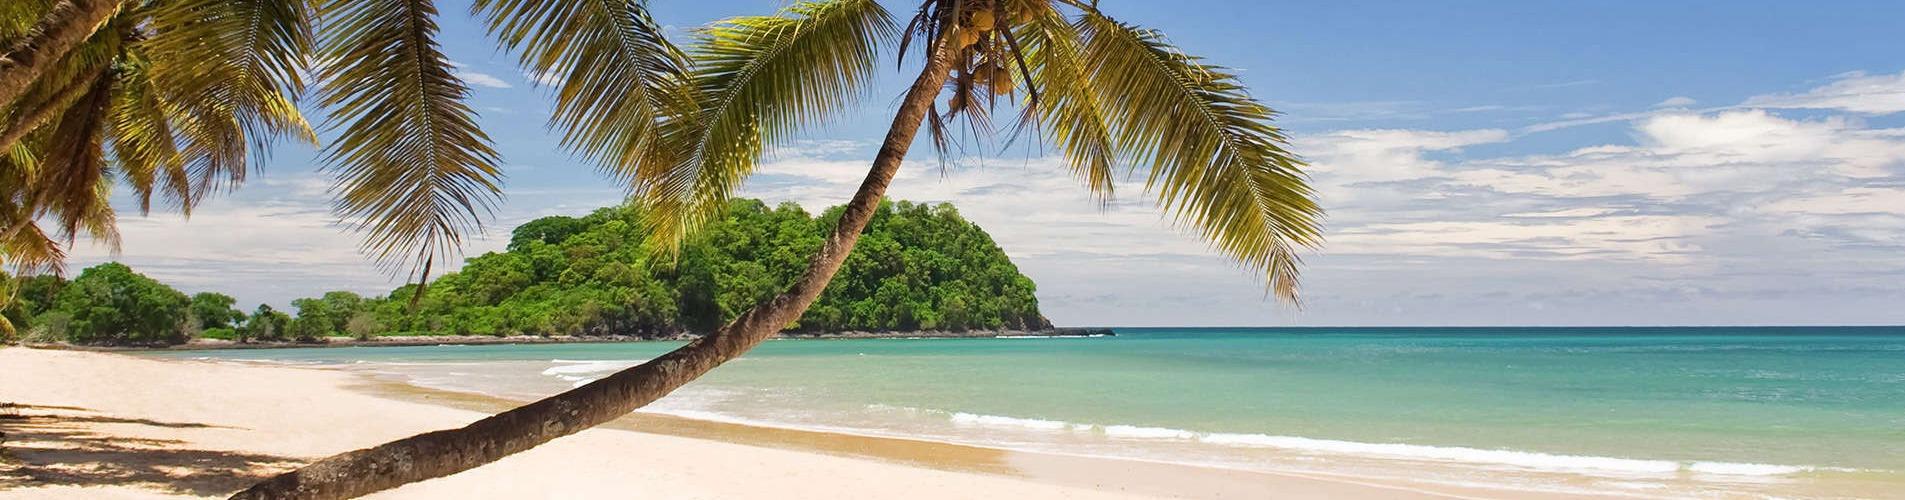 Mauritius, Seszele i Madagaskar 3